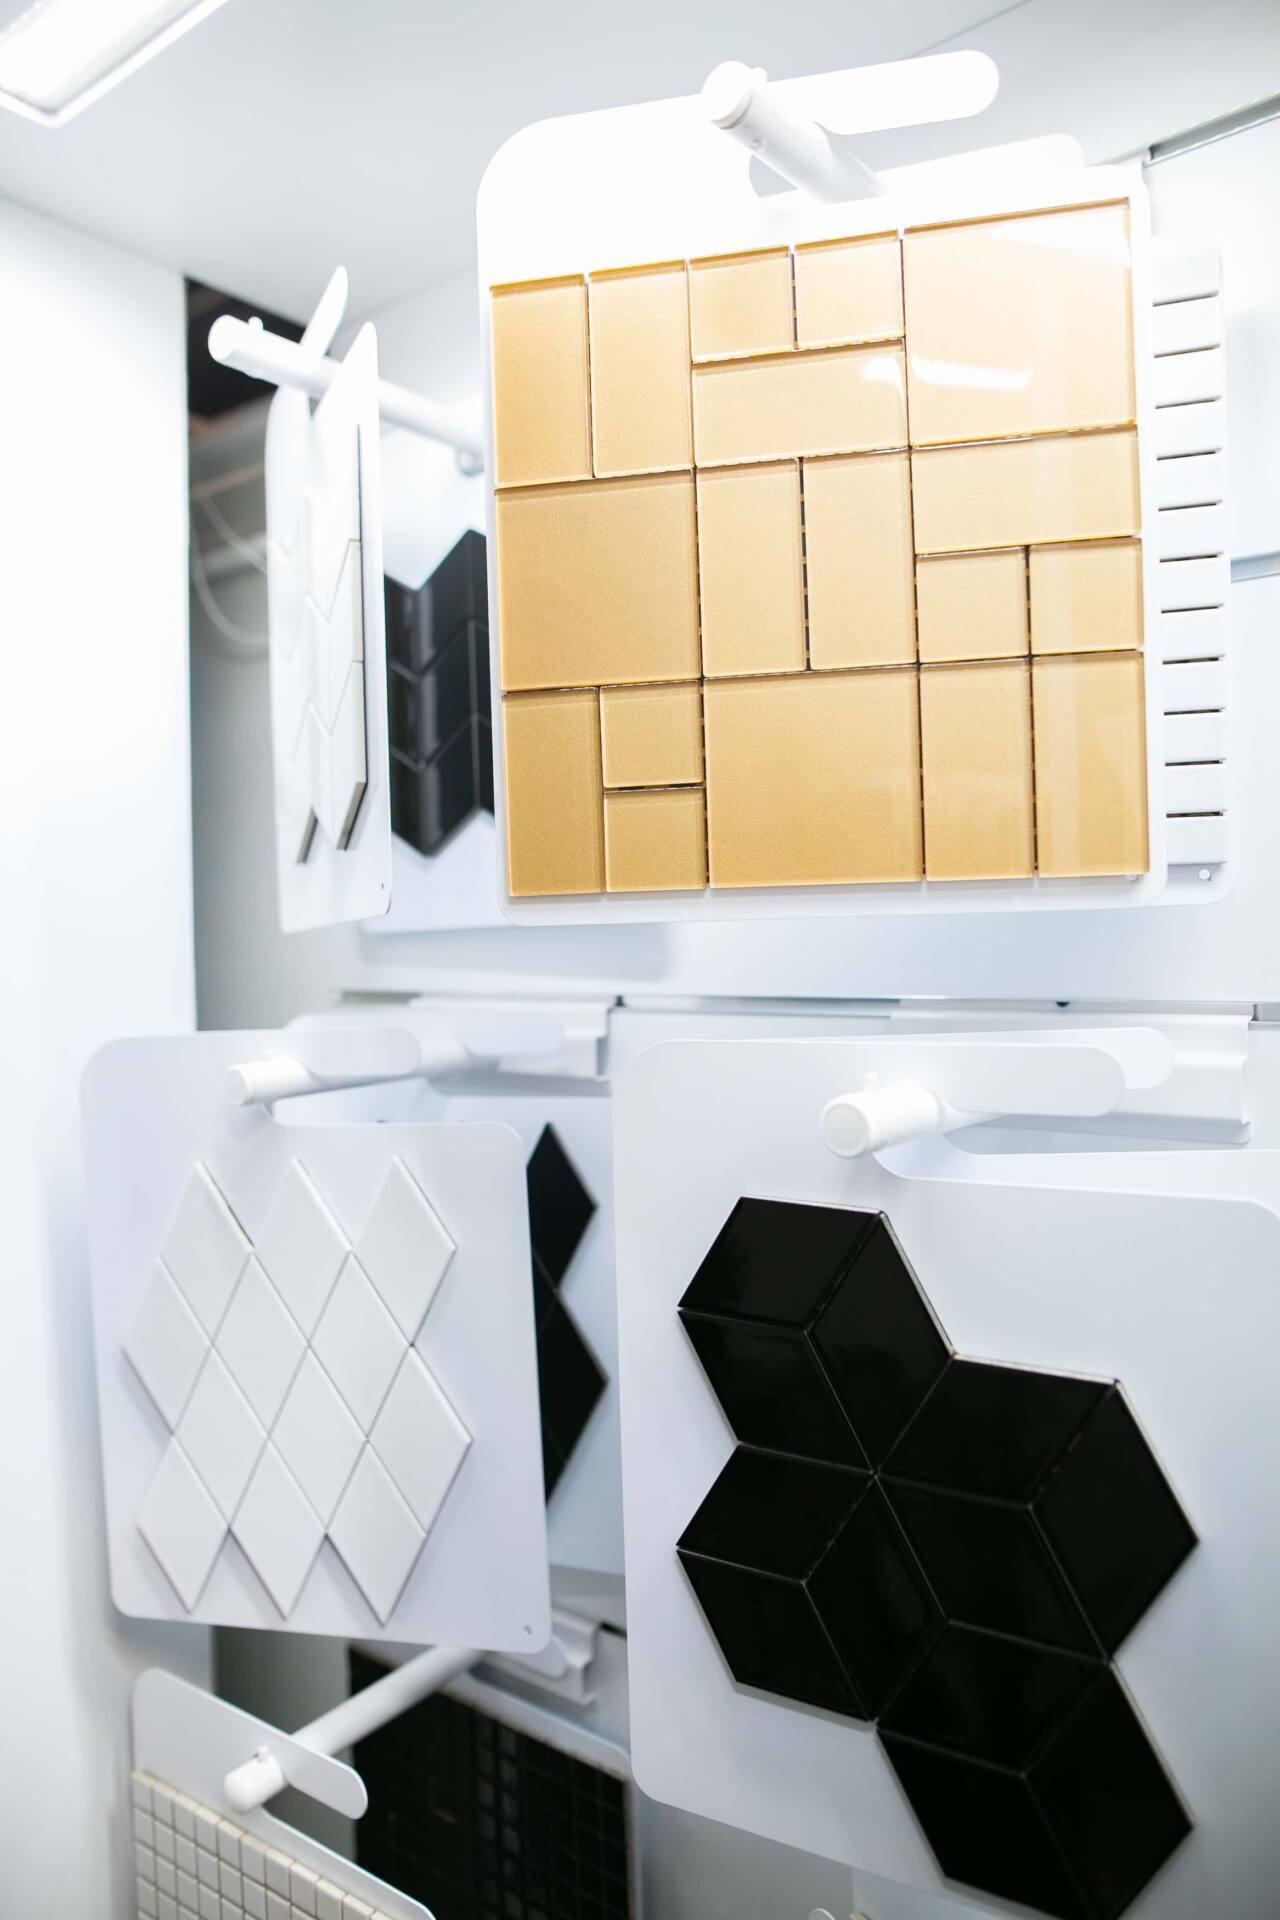 5db 5605 Salon BLU: na ponad 500 m2., 36 łazienkowych aranżacji i bogata ekspozycja wyposażenia (zdjęcia)